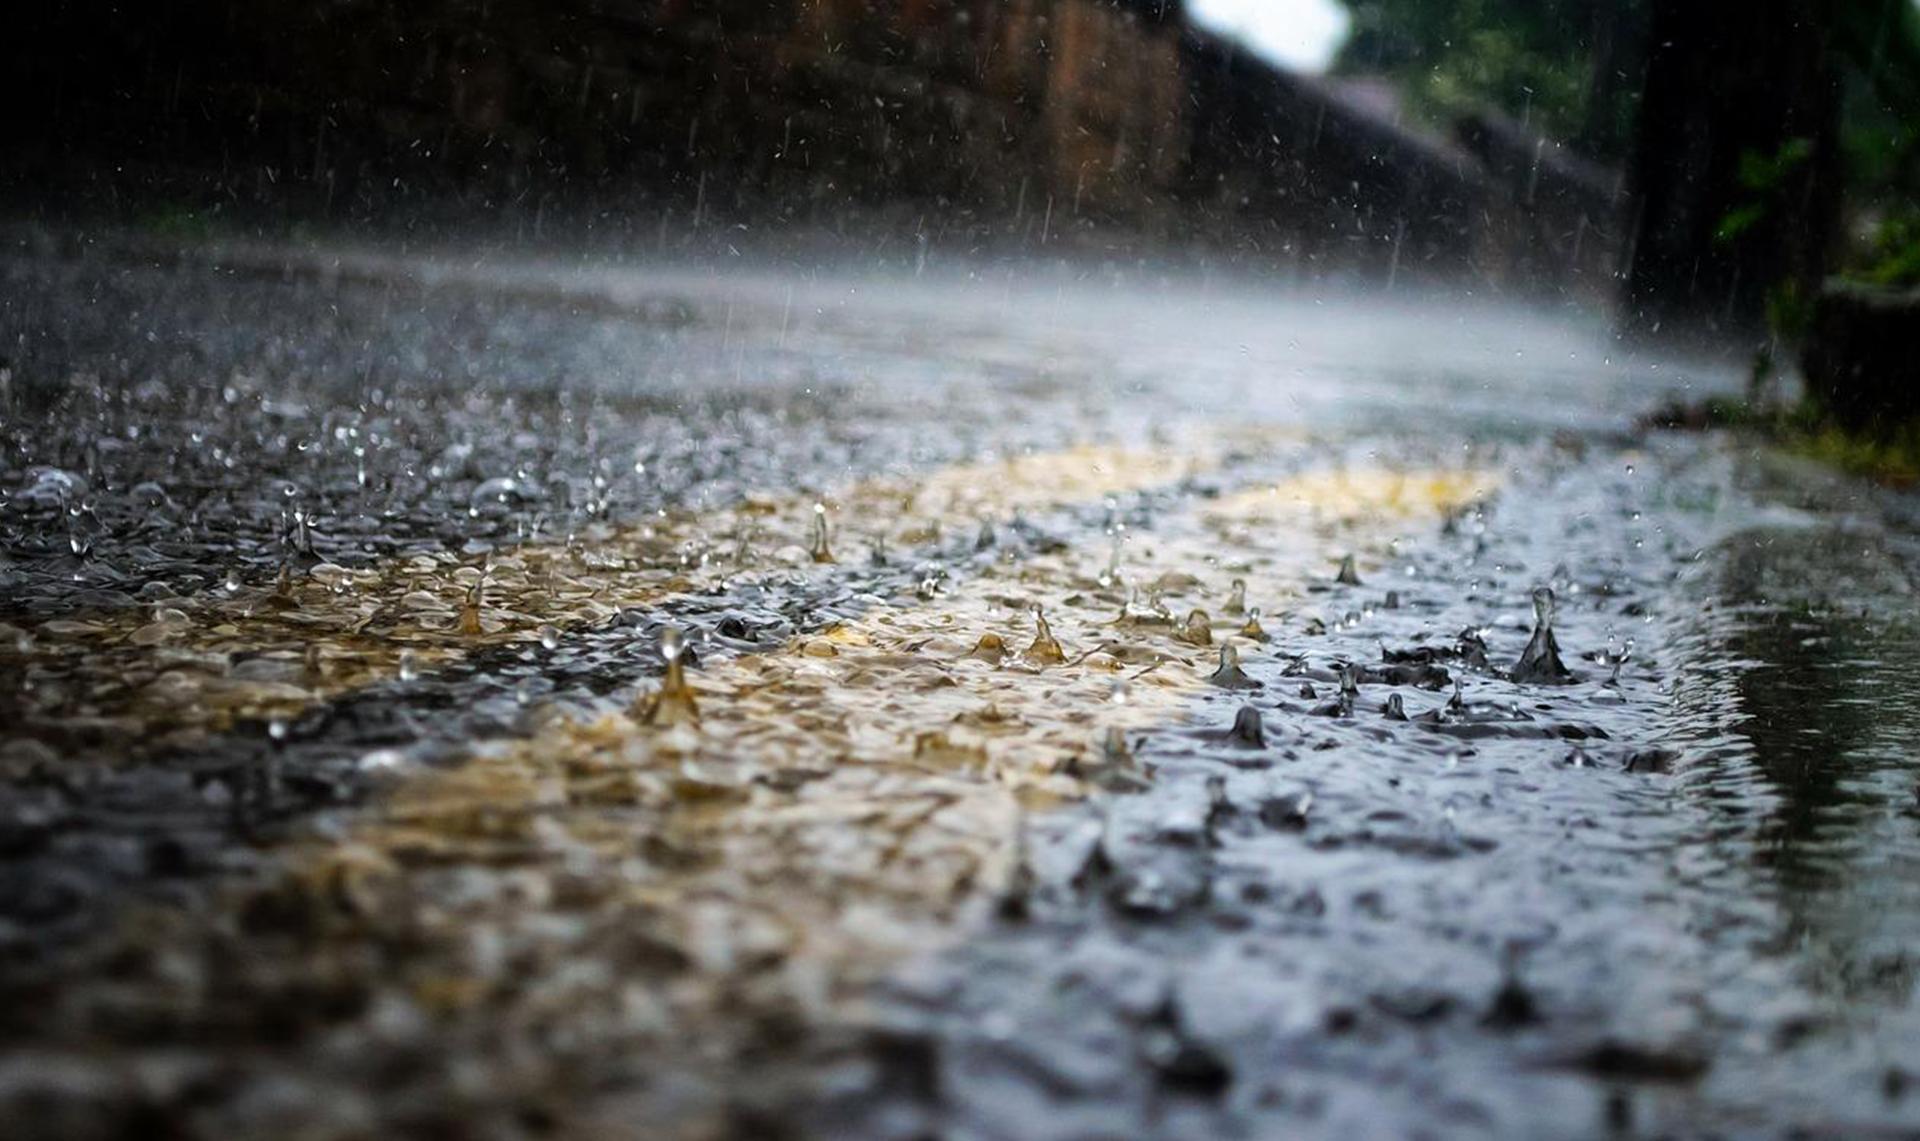 Погода в Казахстане: на большей части страны ожидаются дожди с грозами